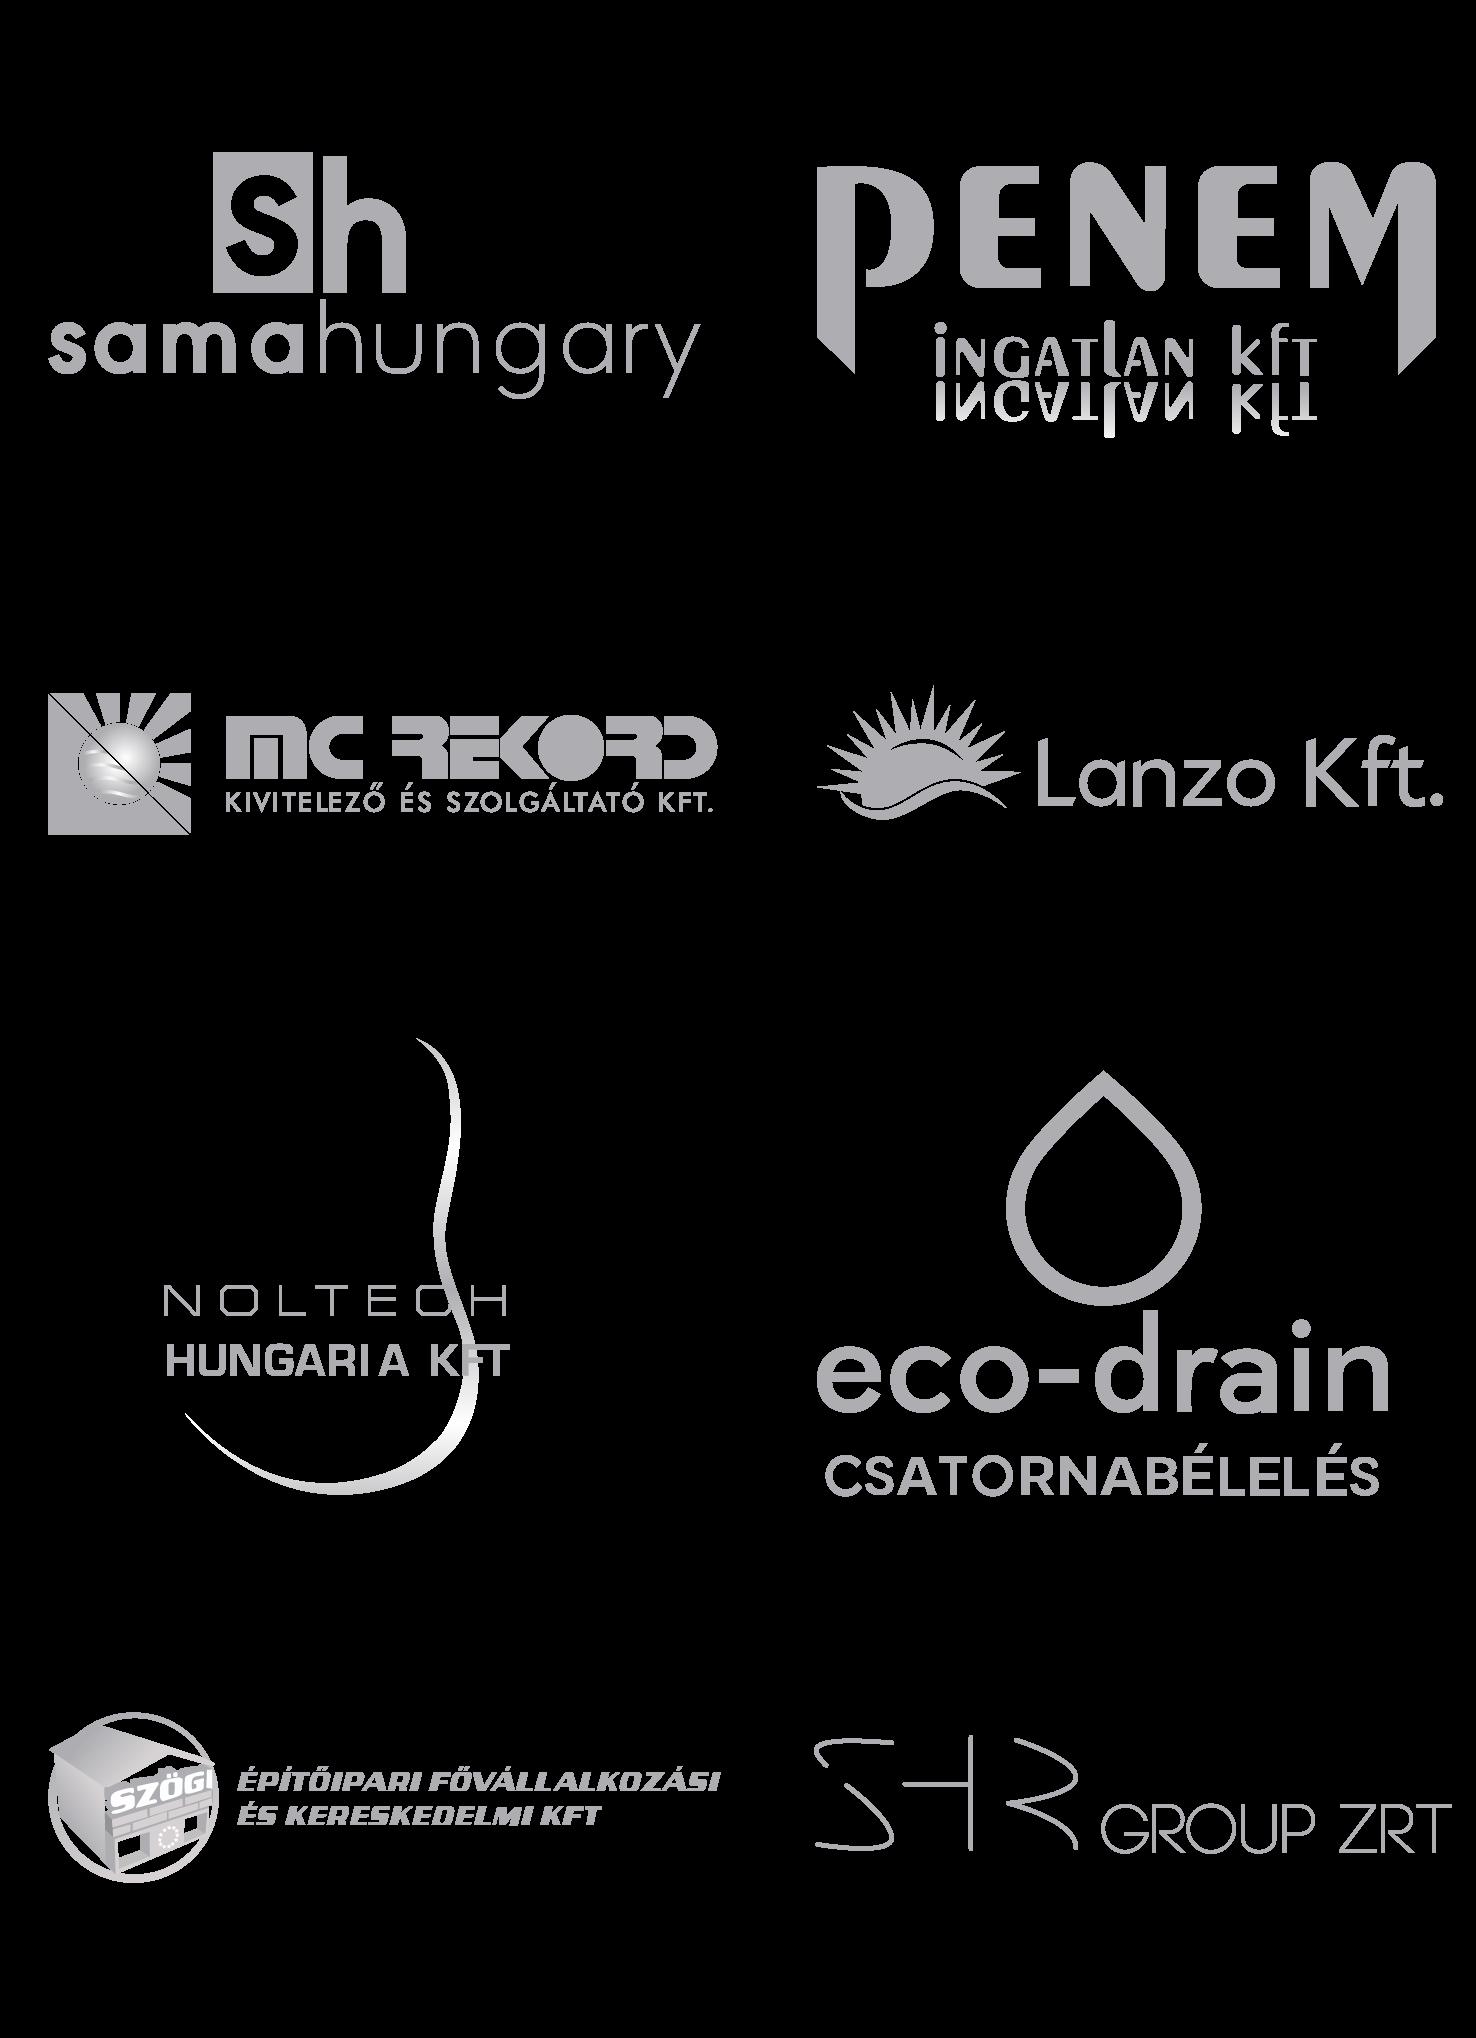 szögi kft. logo